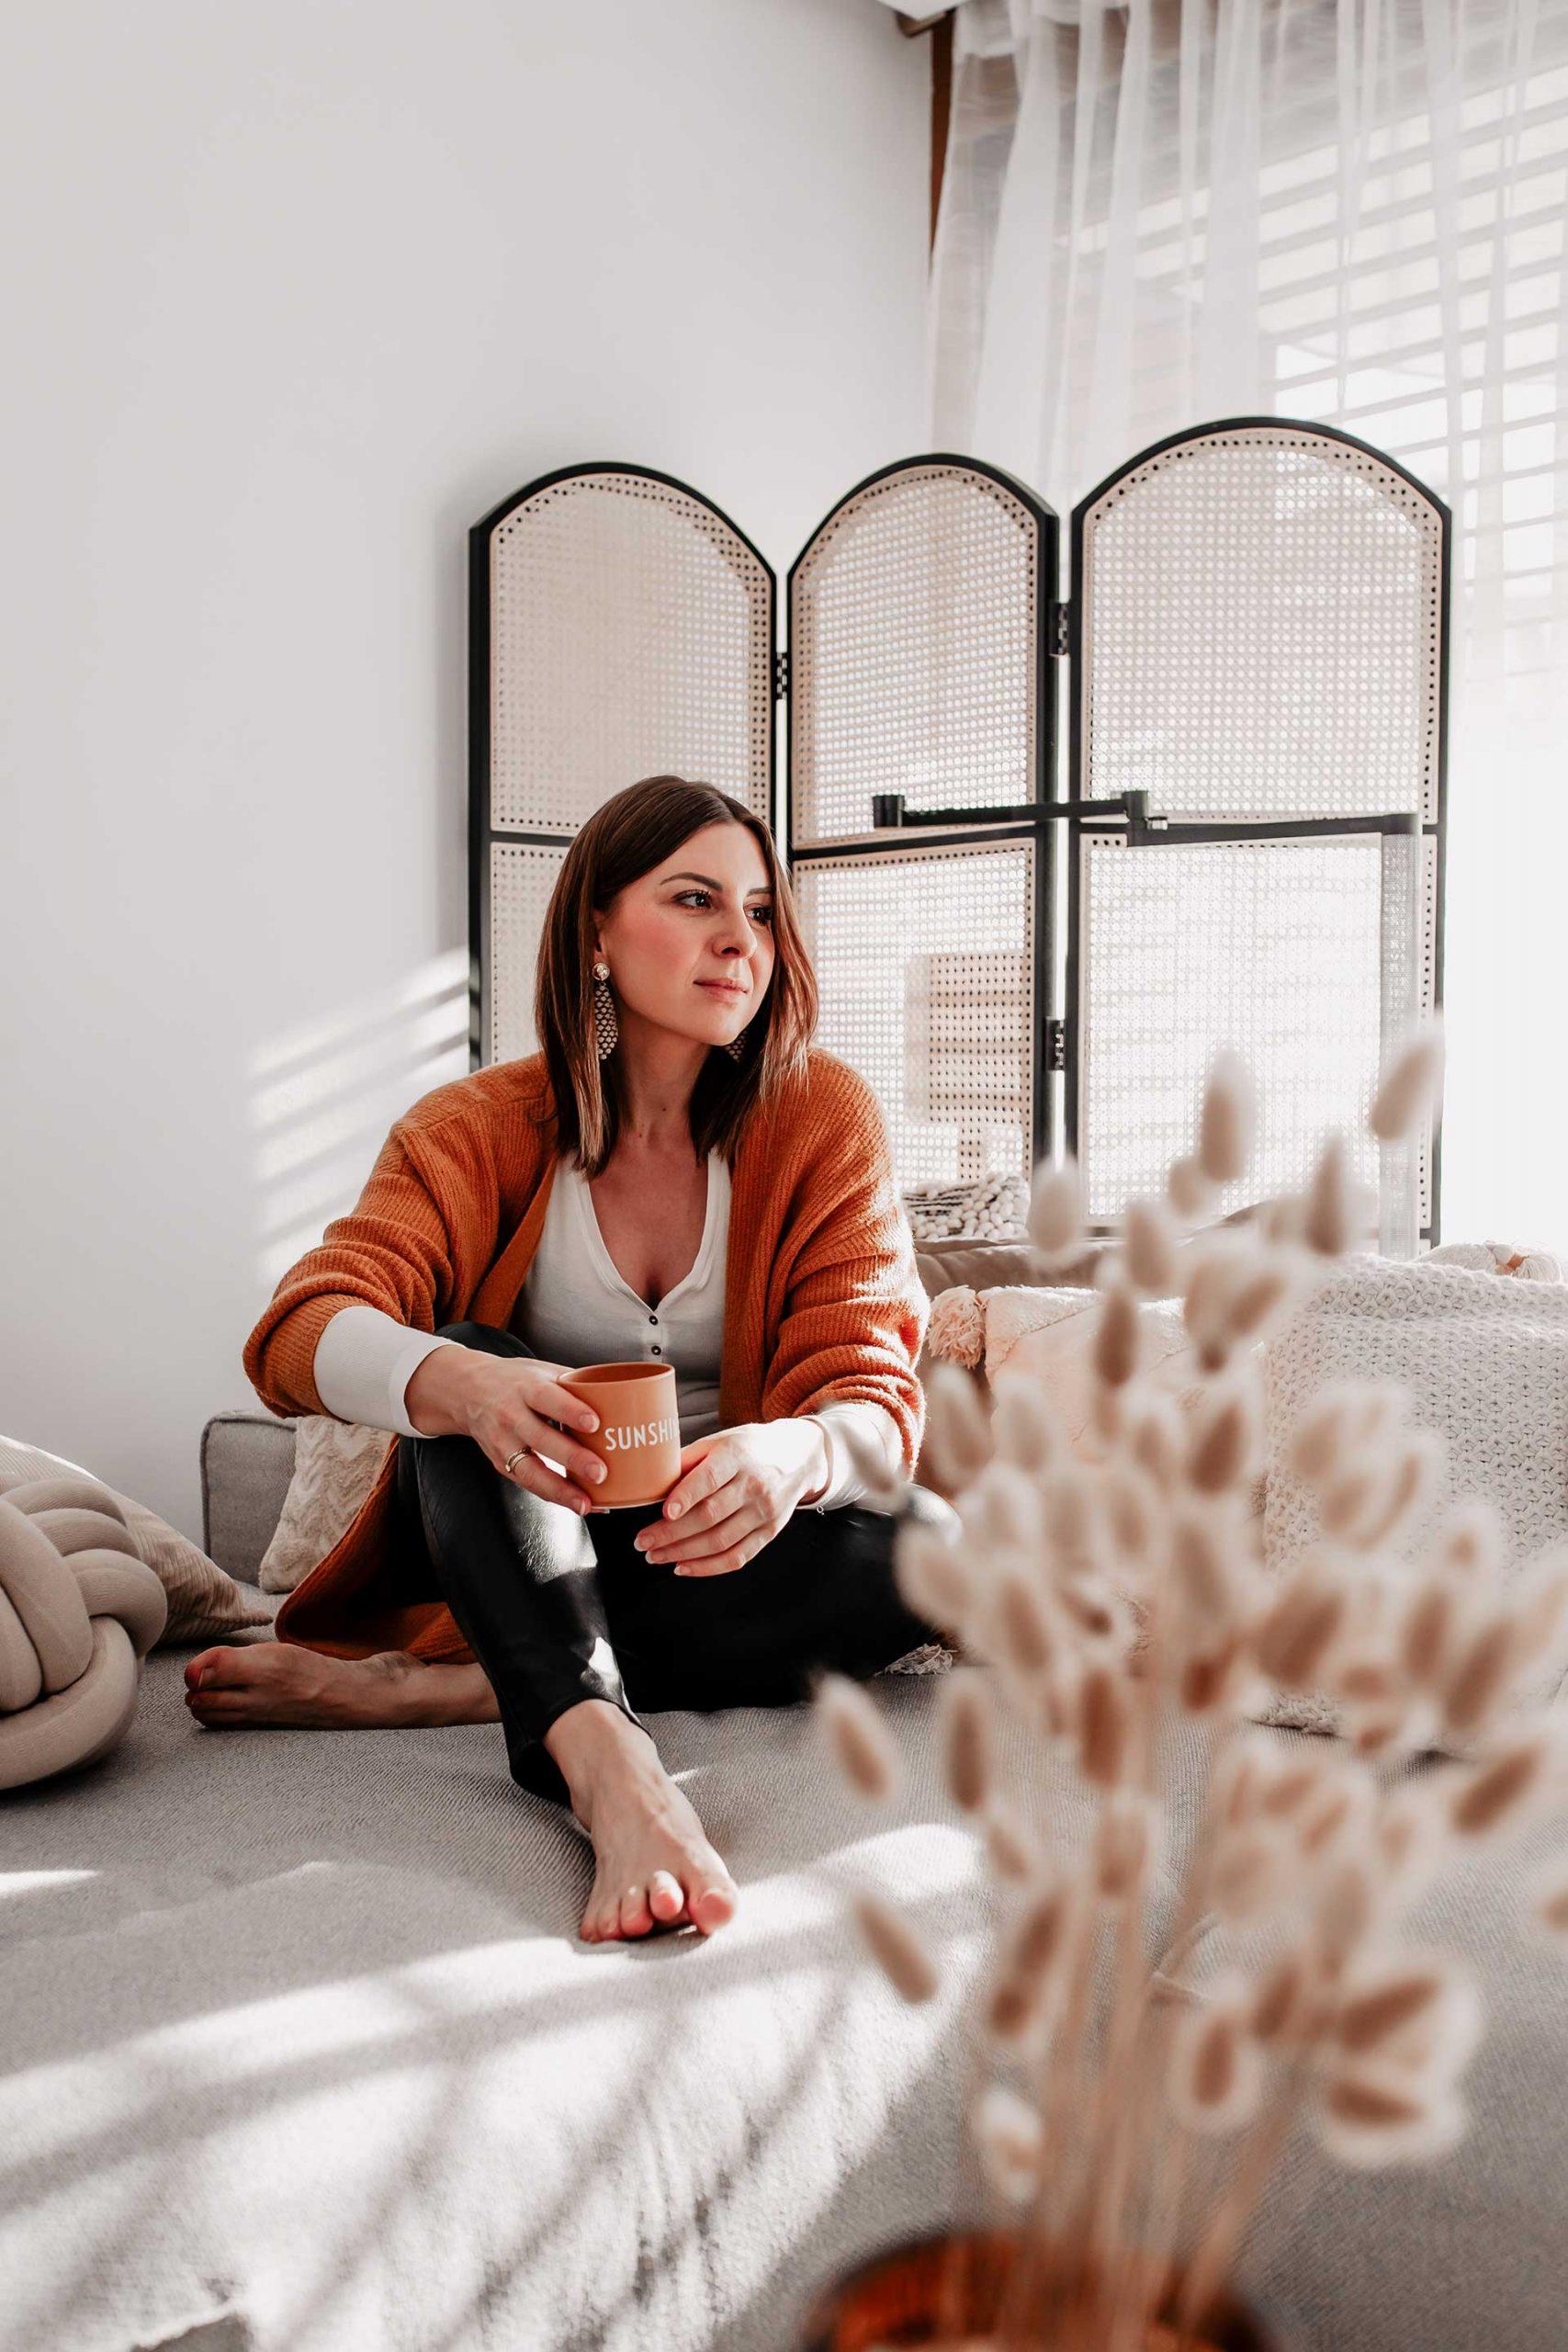 Corona ist aktuell zu einem fixen Alltagsbegleiter geworden. Am Blog findest du deshalb 10 Tipps für den Umgang mit Stress und Angst aufgrund von Covid-19. www.whoismocca.com